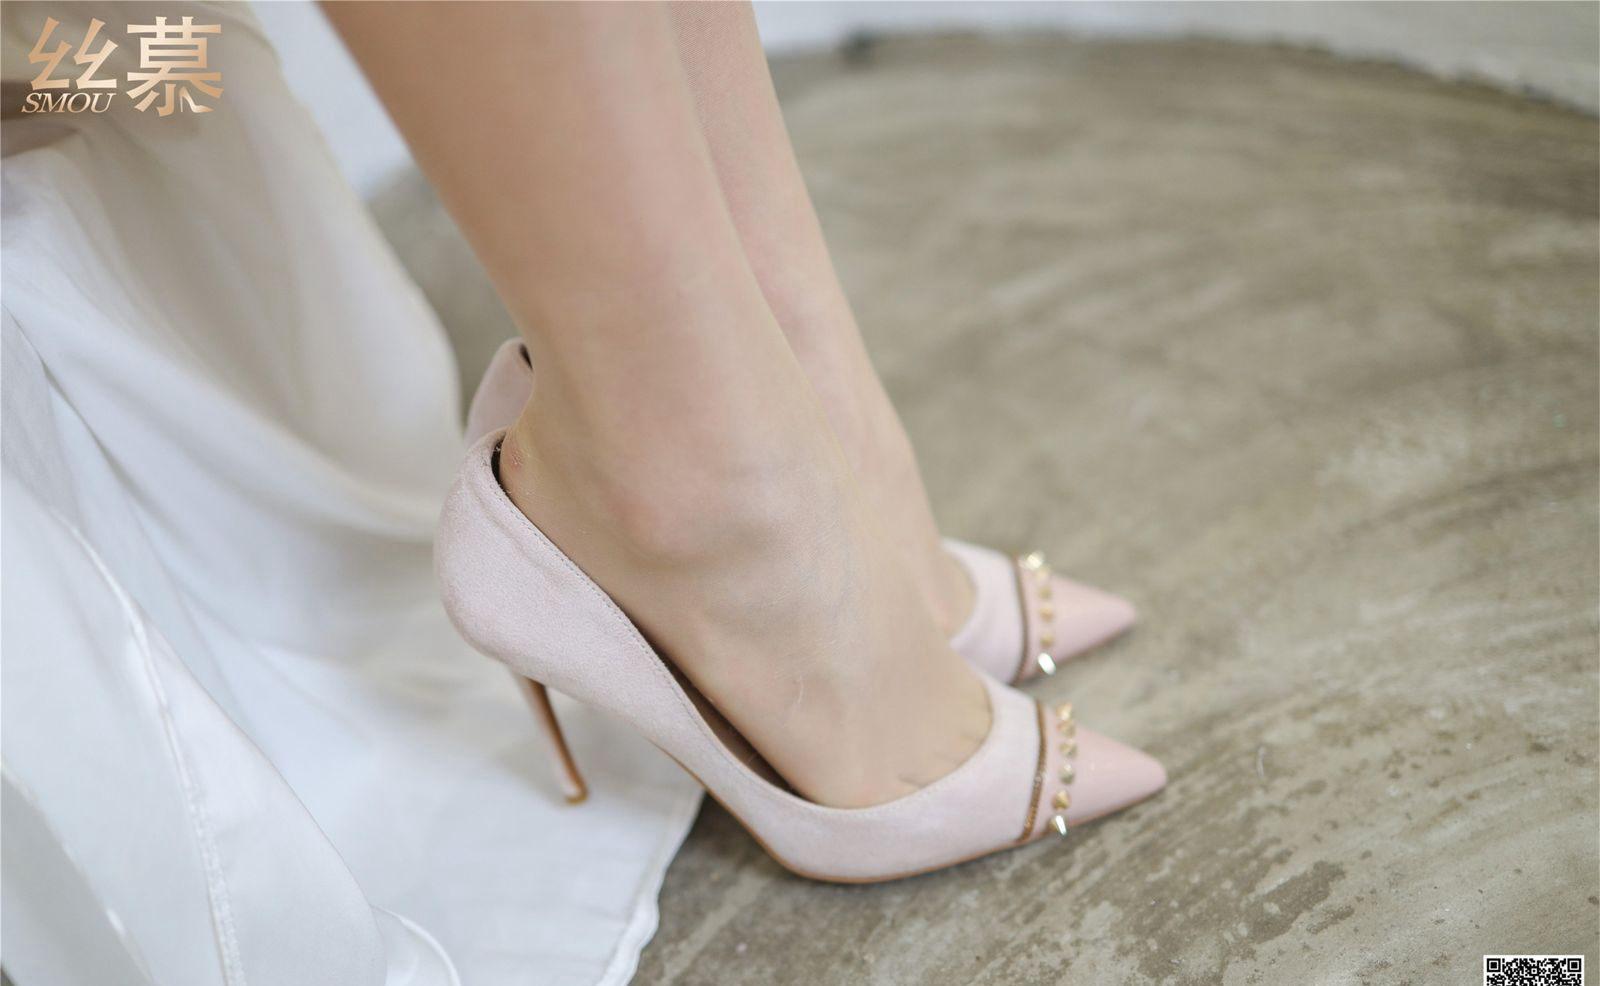 性感尤物性感美少妇私房脱丝袜玉足高跟性感美腿高清图